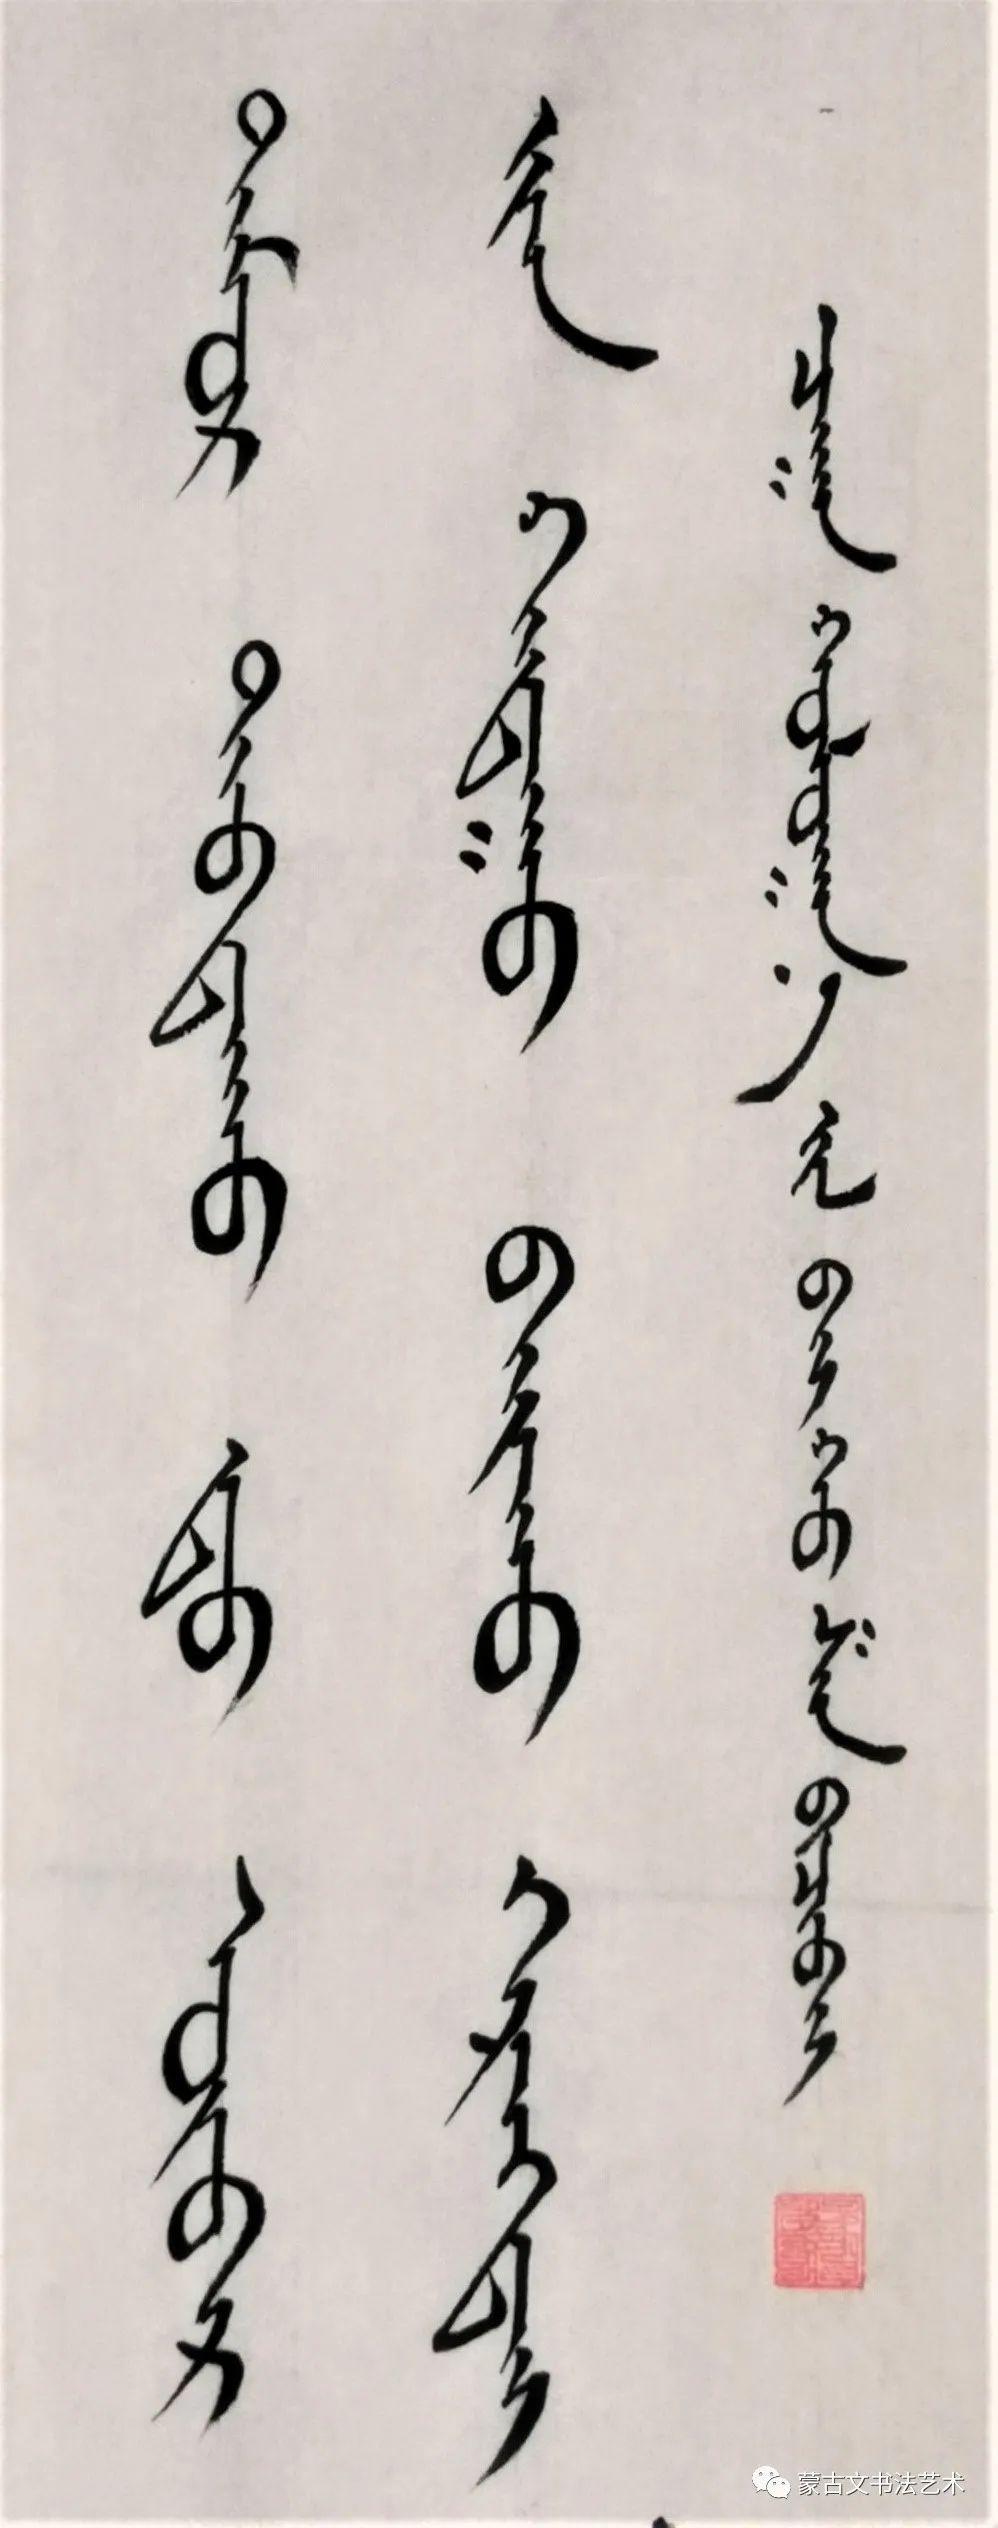 白虎山蒙古文书法 第4张 白虎山蒙古文书法 蒙古书法